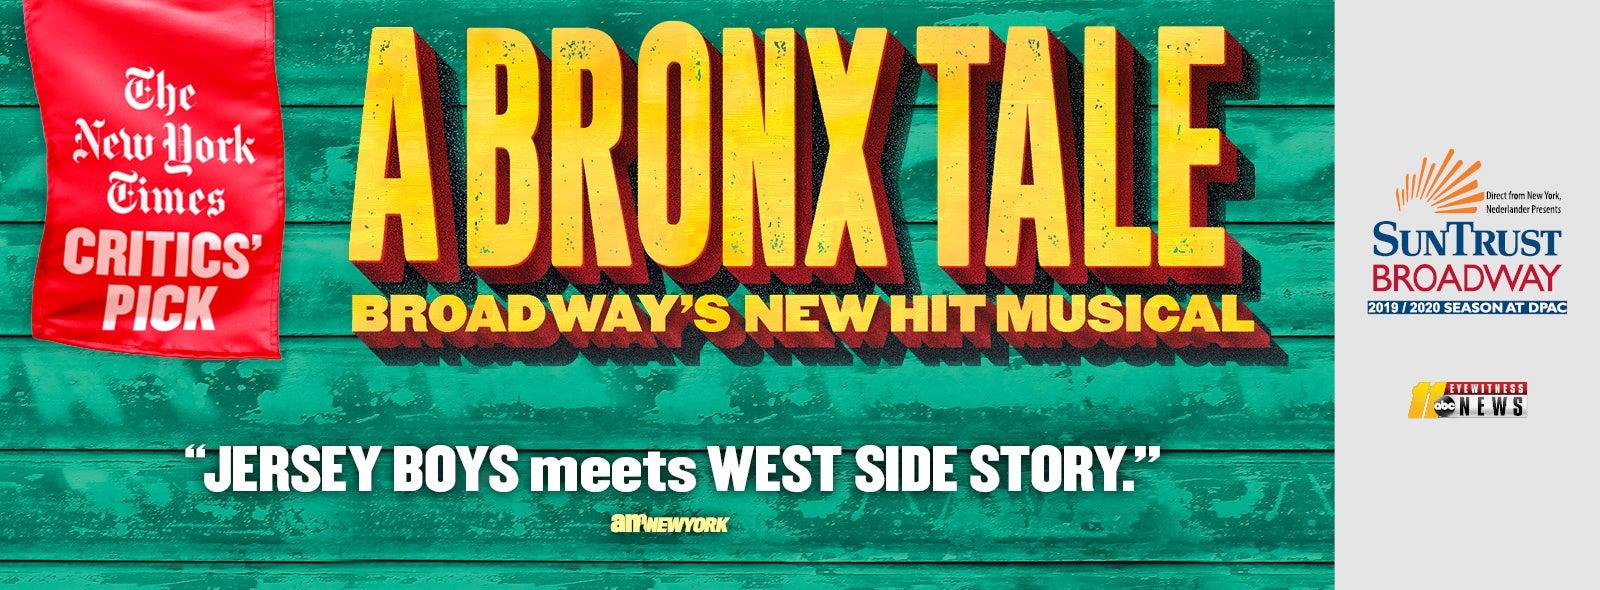 BronxTale1600x590.jpg